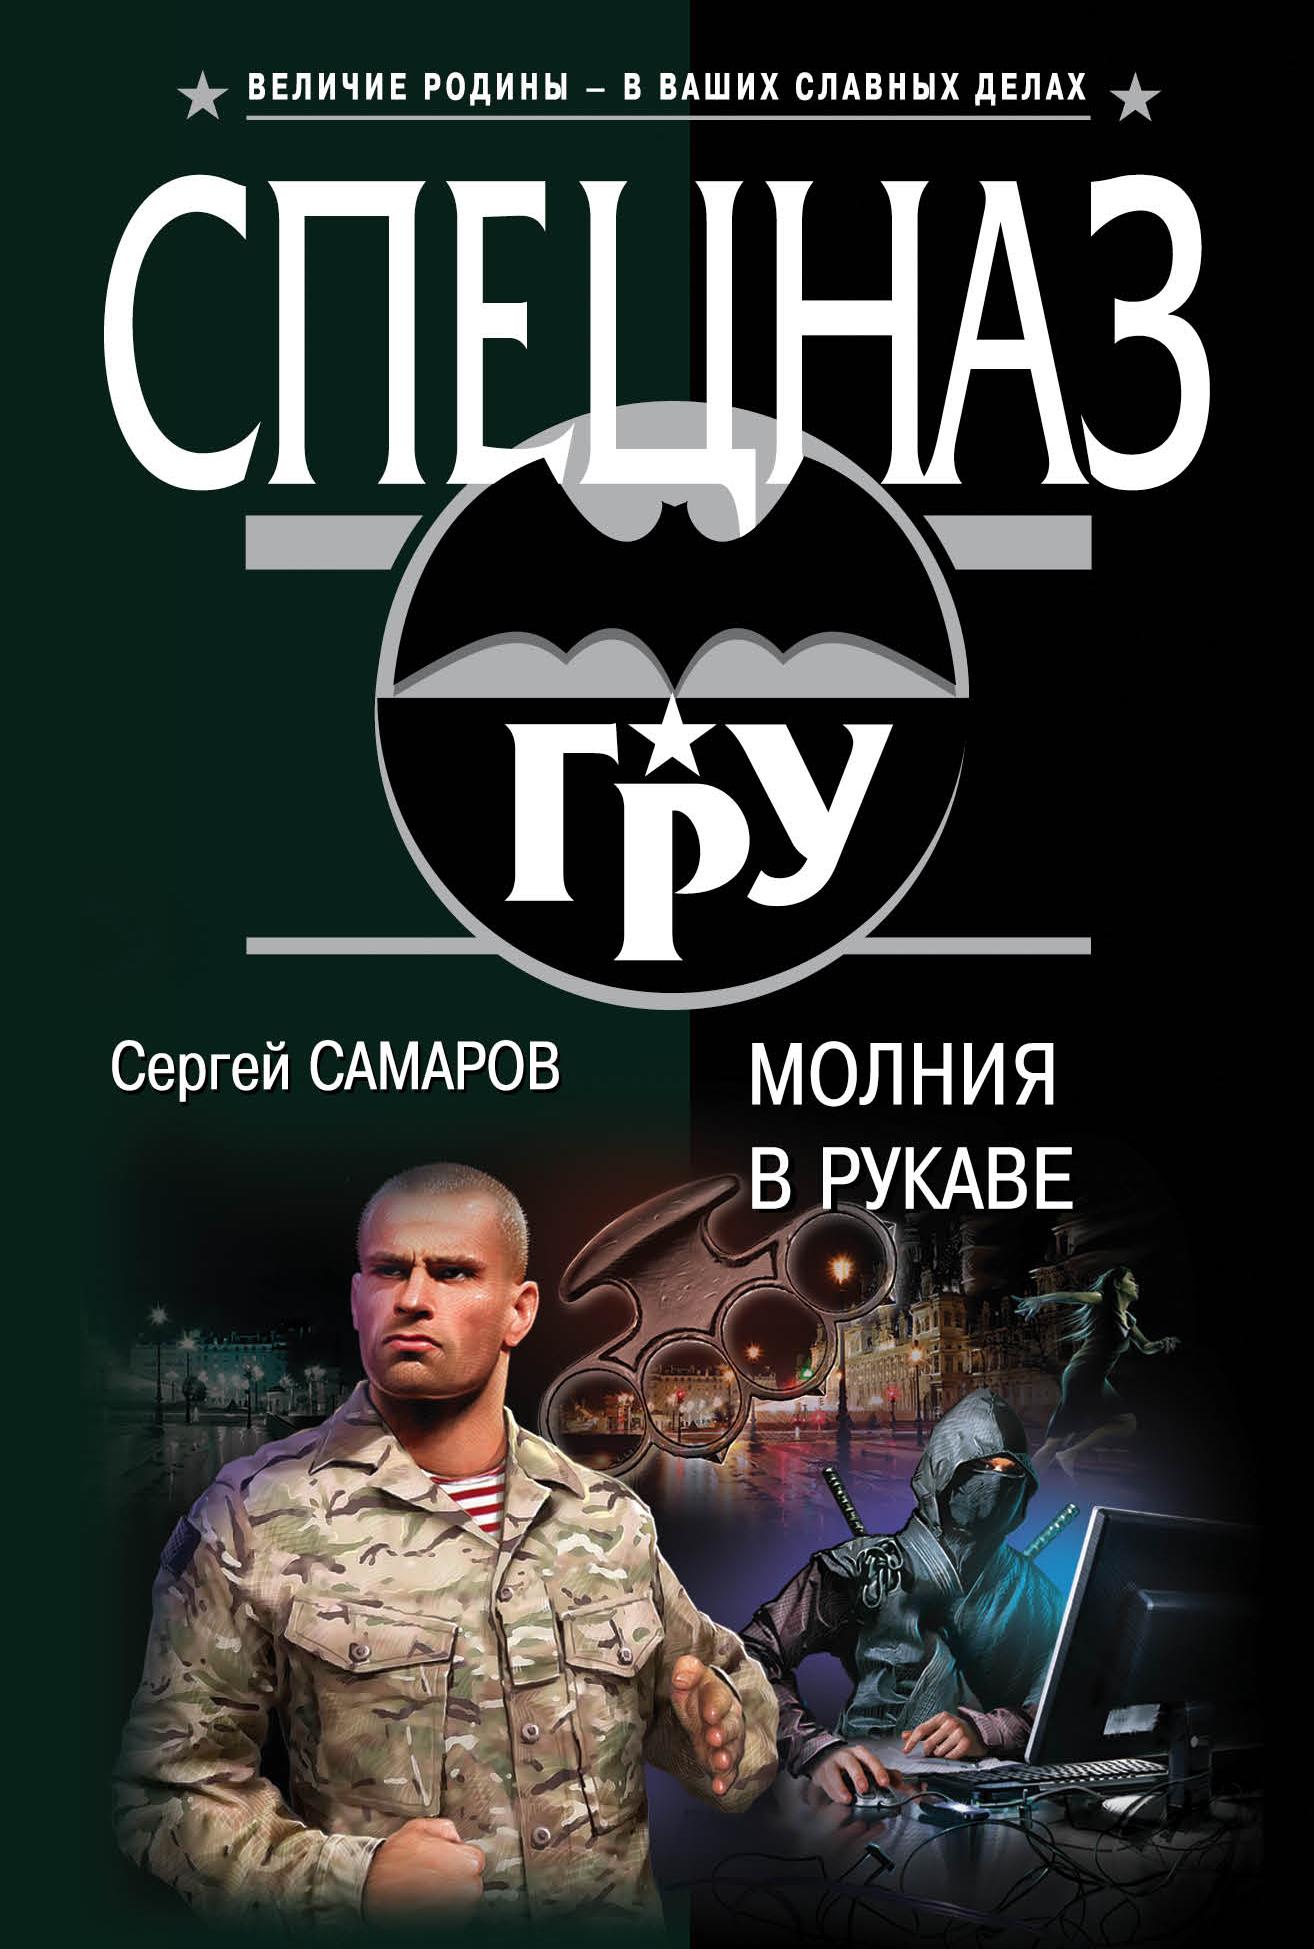 Самаров Сергей Васильевич Молния в рукаве